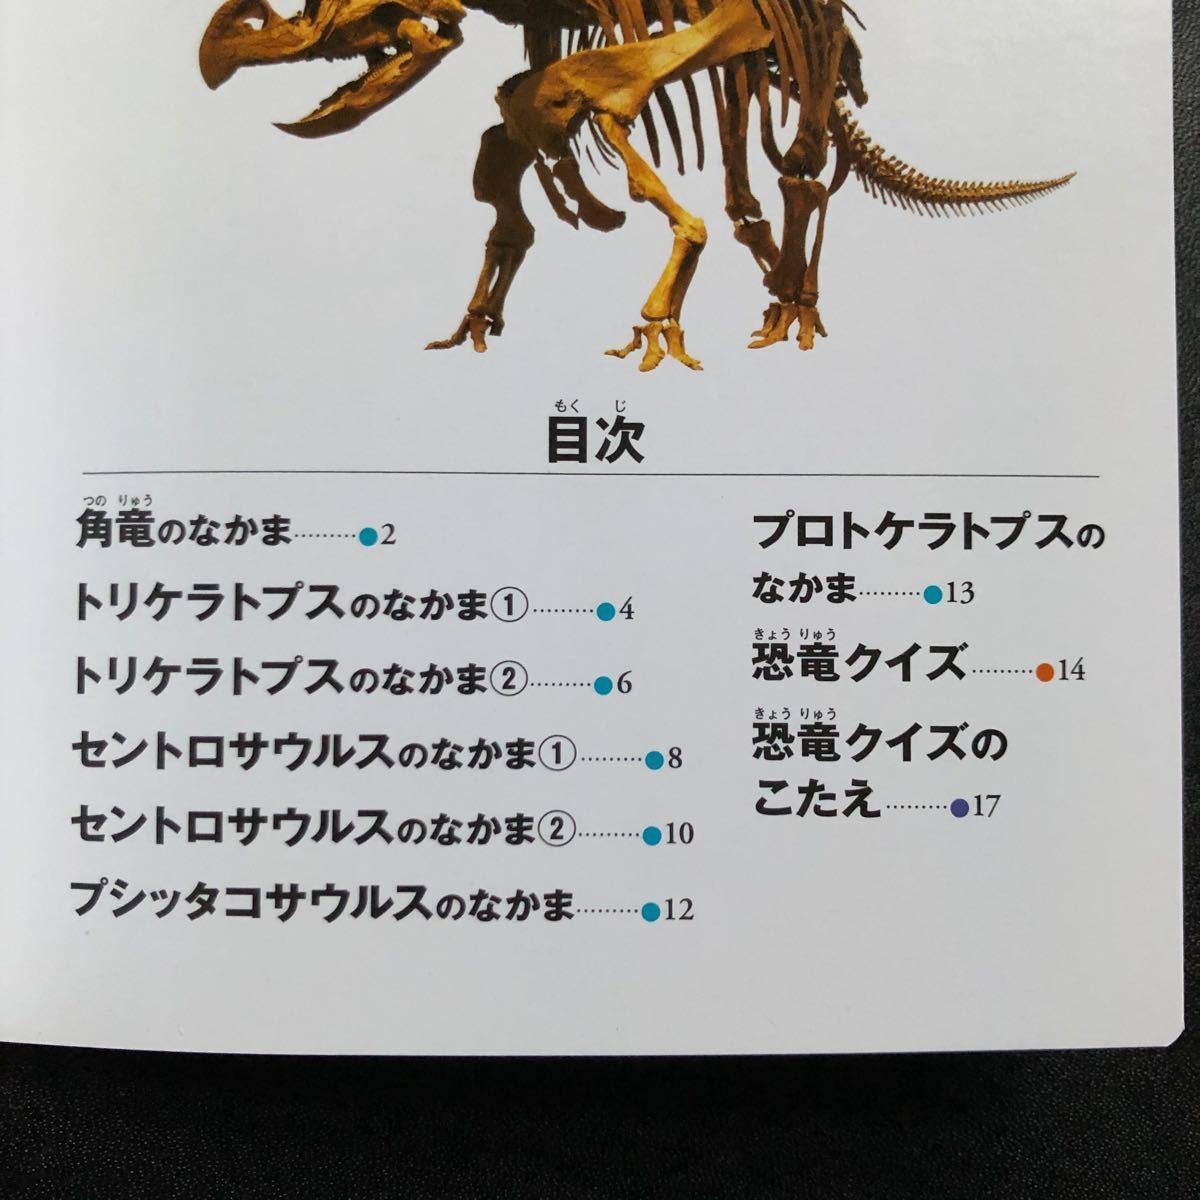 小学館の図鑑NEO「恐竜」トリケラトプス クイズつき マクドナルド 大人の手のひらサイズ 1冊 シール貼付済みです!